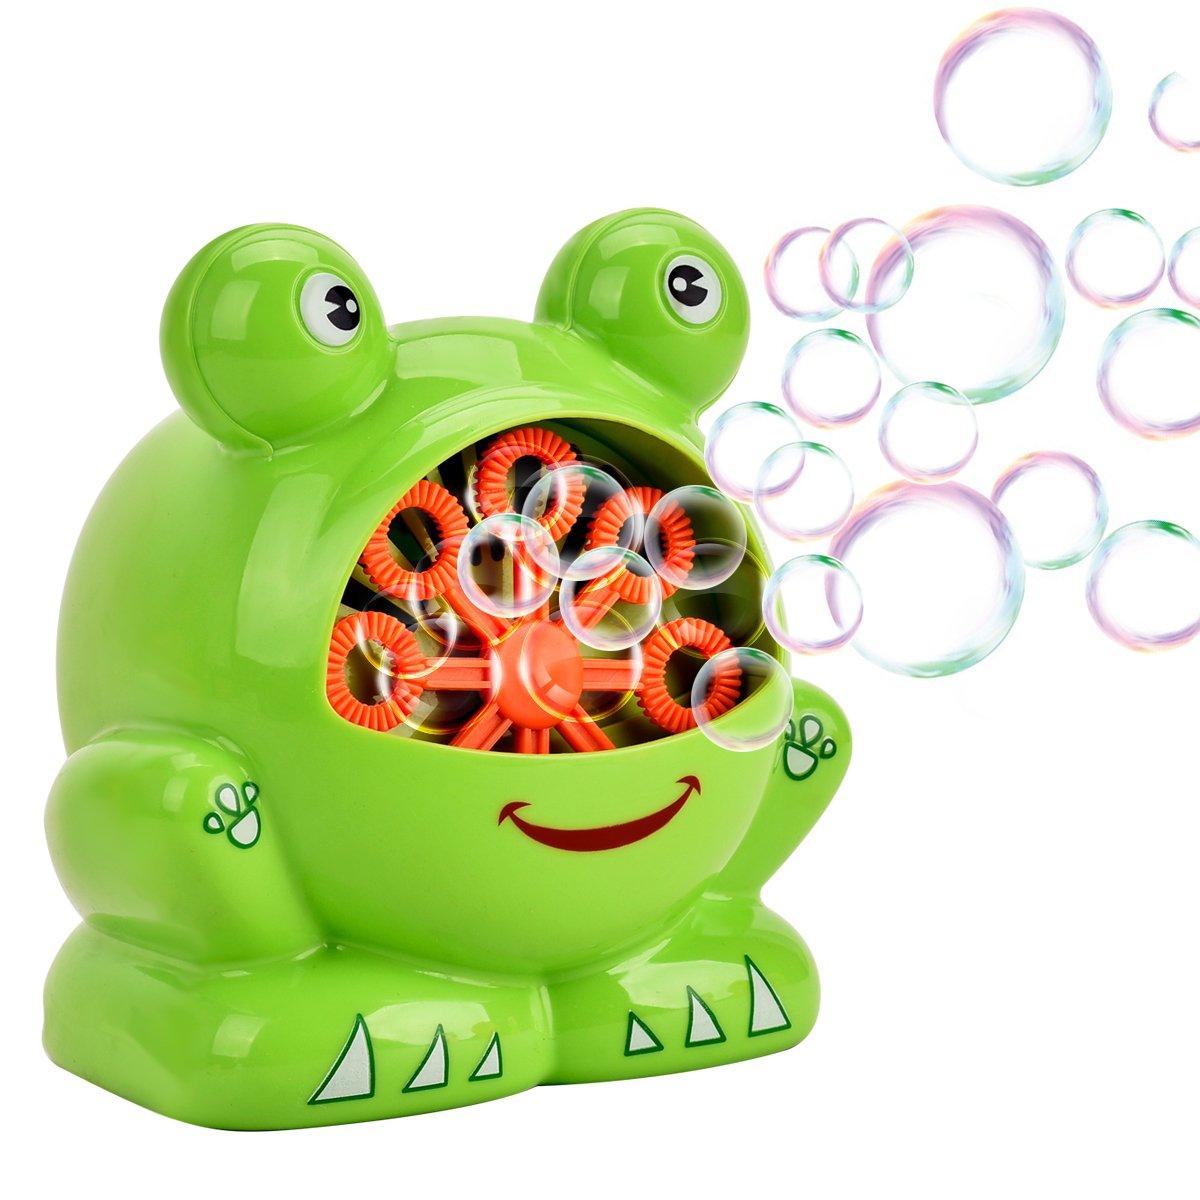 Cheap Bubble Hash Machine, find Bubble Hash Machine deals on